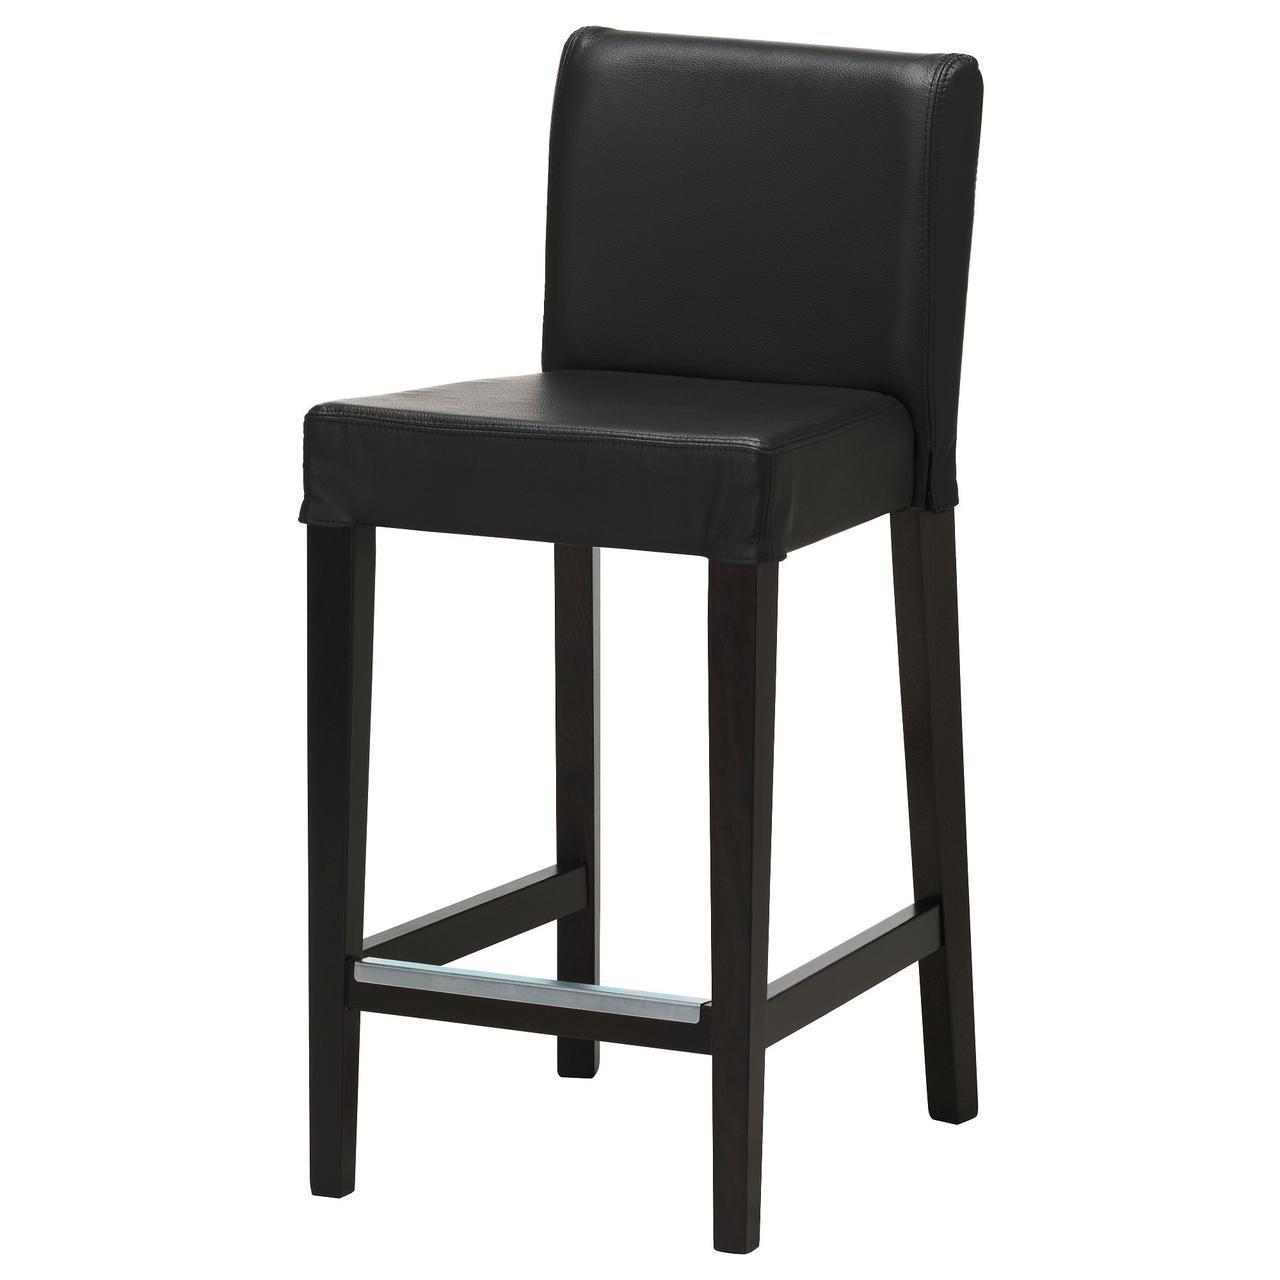 IKEA HENRIKSDAL Барный стул со спинкой, бронза, глосе черный  (503.189.87)